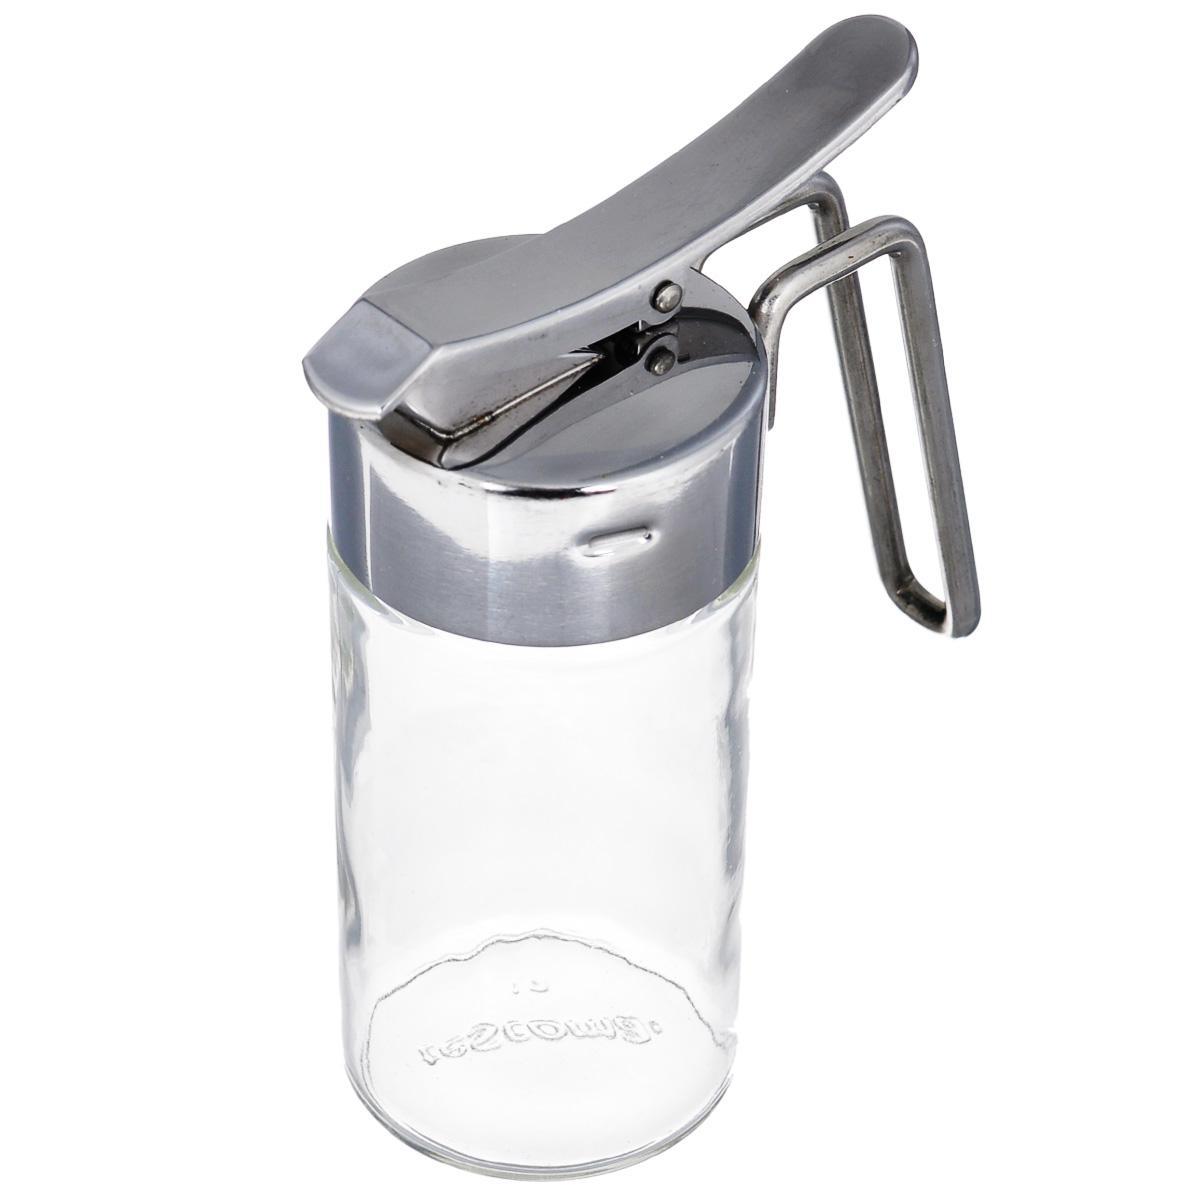 Сливочник Tescoma Club, 150 мл650374Сливочник Tescoma Club изготовлен из первоклассной нержавеющей стали и стекла. Изделие оснащено удобным дозатором и предназначено для сливок, молока или меда. Сливочник прекрасно подходит для сервировки стола, отлично вписывается в интерьер современной кухни, а также будет отличным подарком для любой хозяйки.